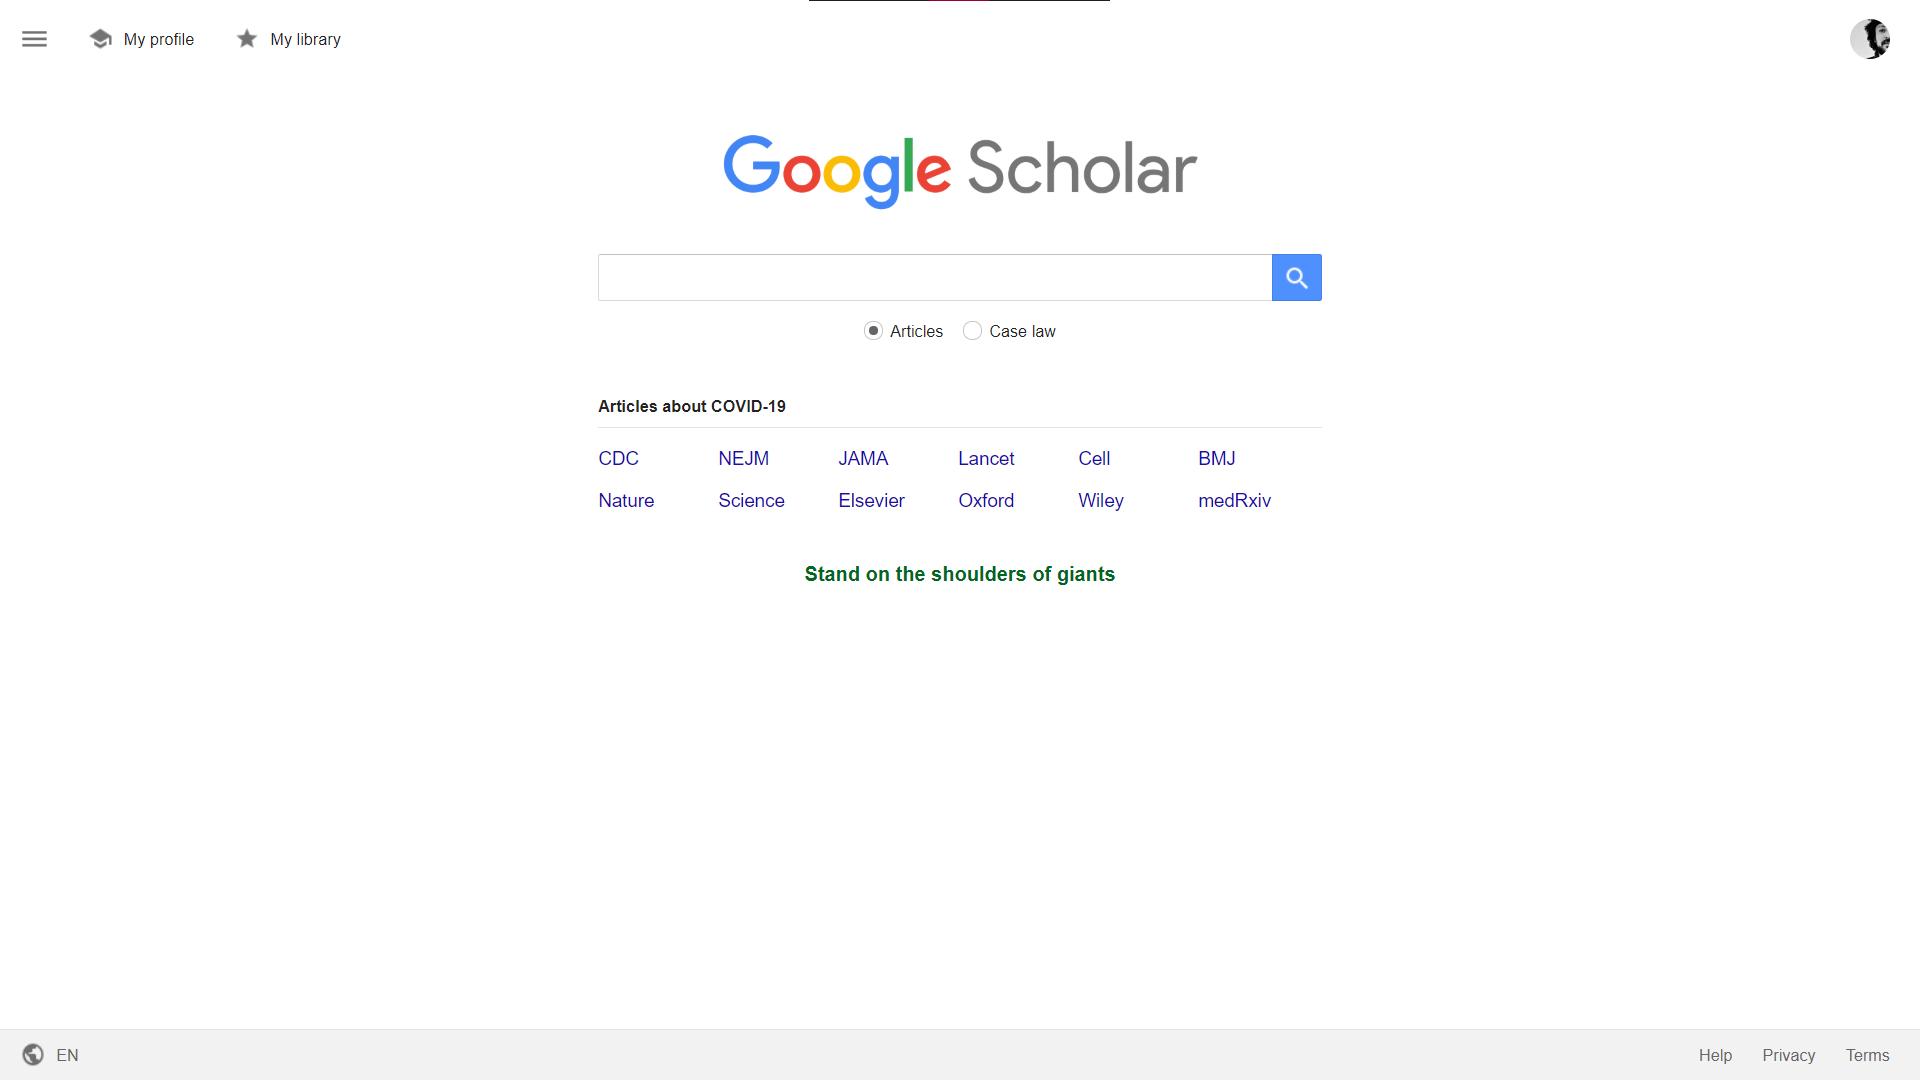 صفحه اصلی گوگل اسکولار